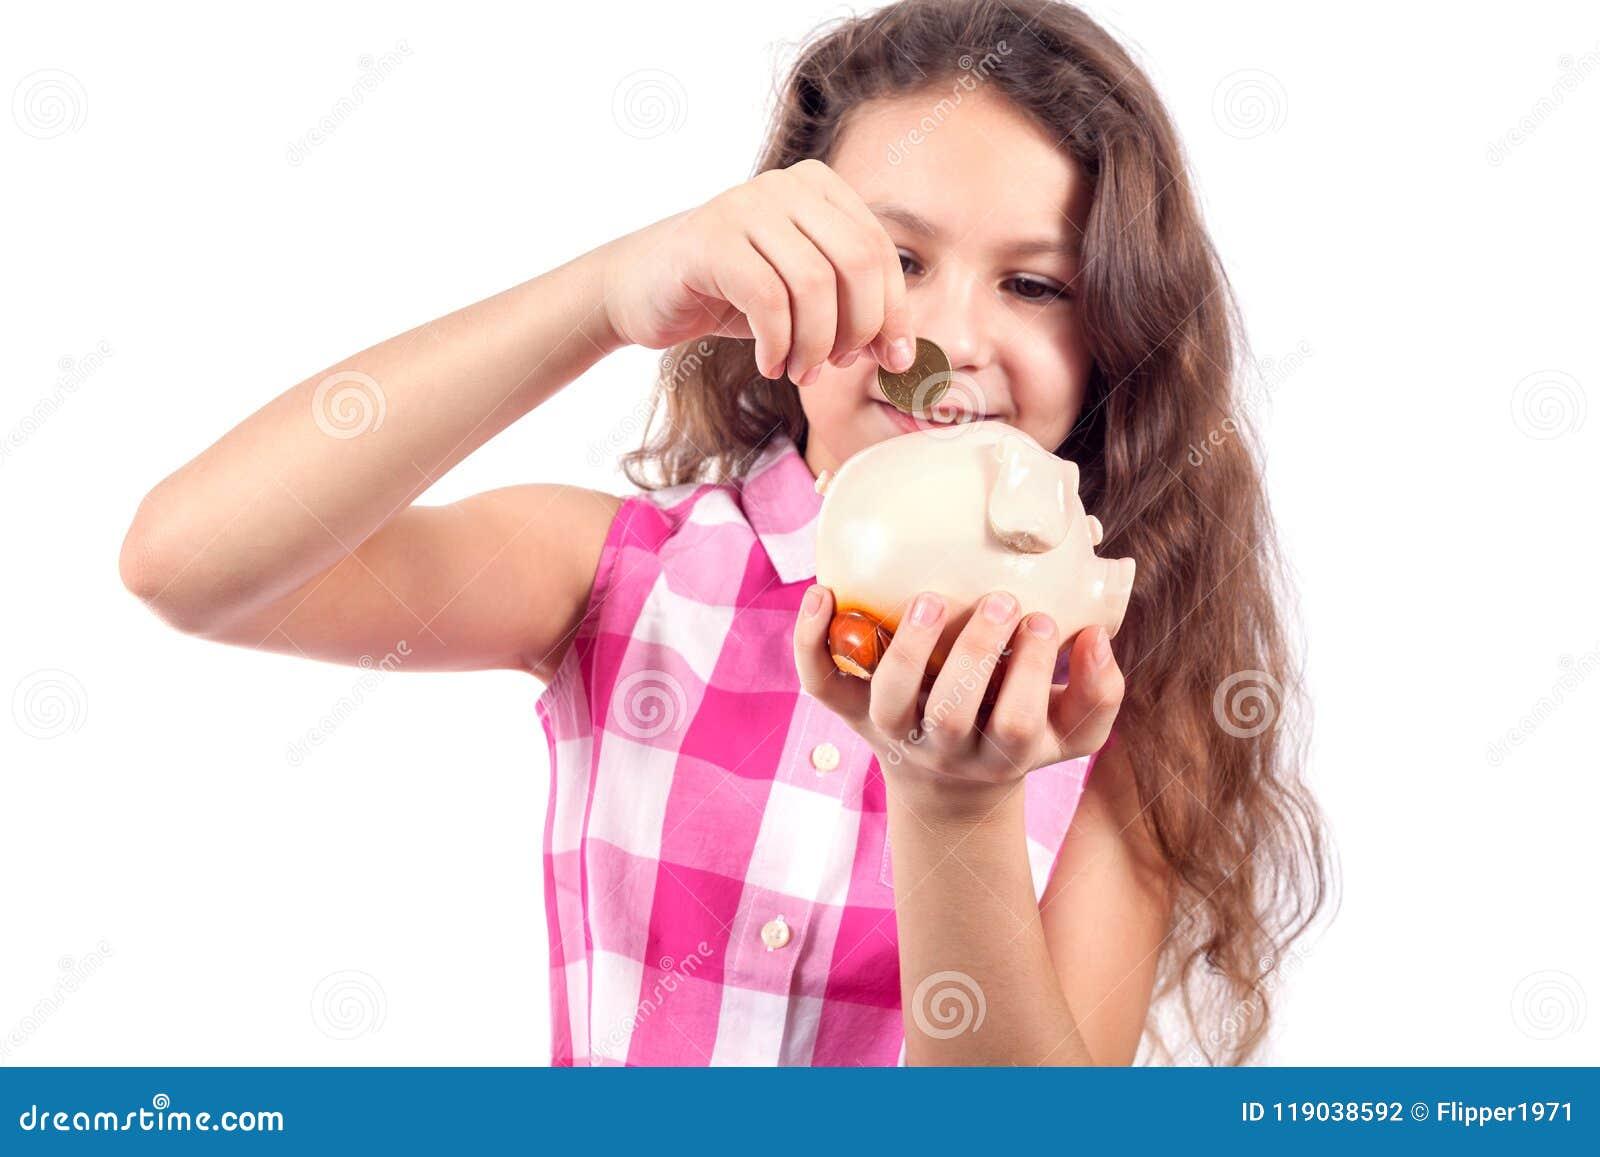 Den gulliga lilla flickan sätter ett mynt i enpiggy bank